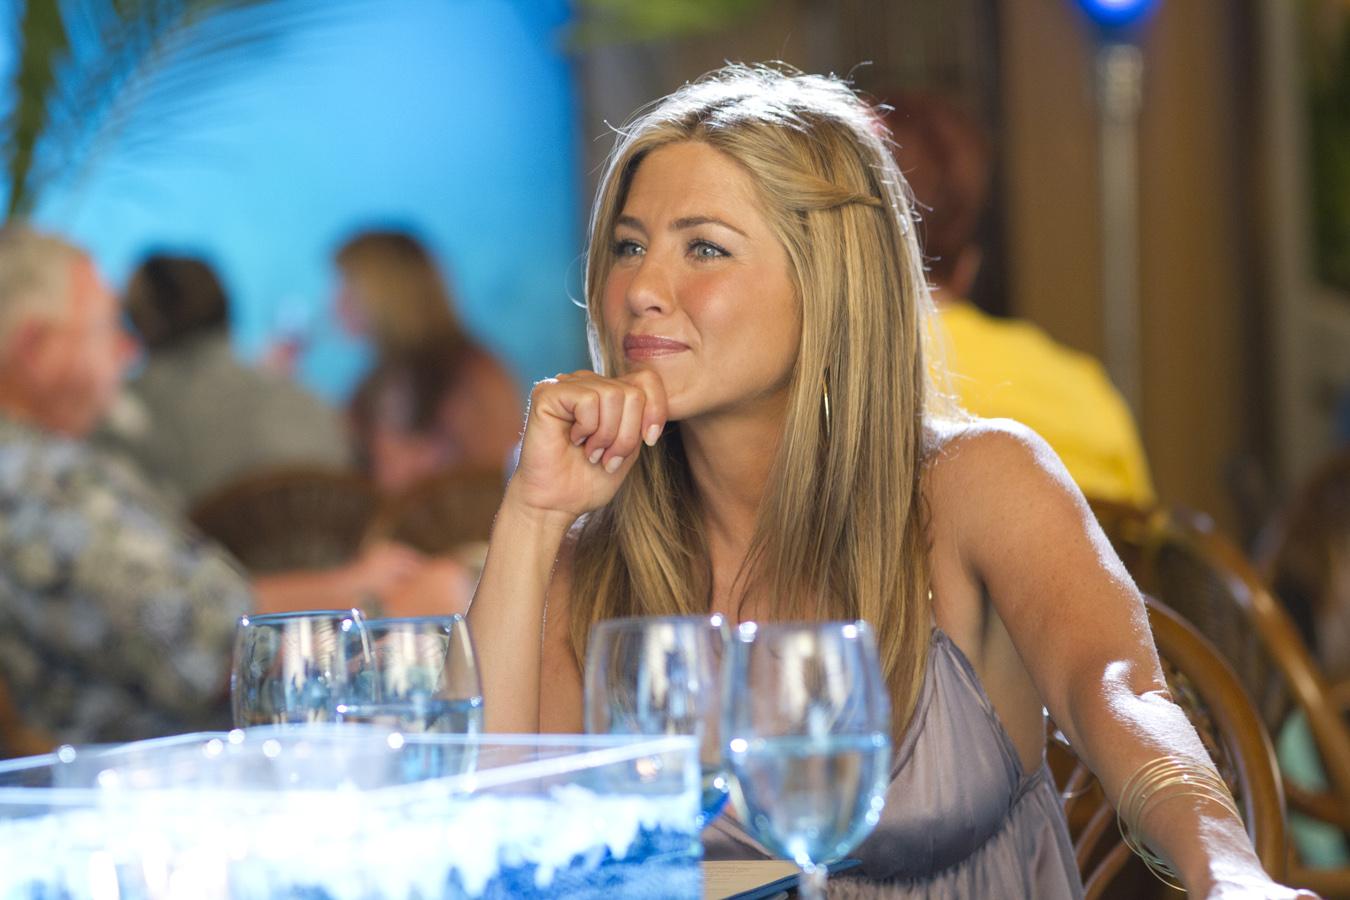 http://3.bp.blogspot.com/-YkjNFLcdr-c/TWVAFmTOlOI/AAAAAAAACz8/0yXZuWrOUiI/s1600/Jennifer+Aniston.jpg